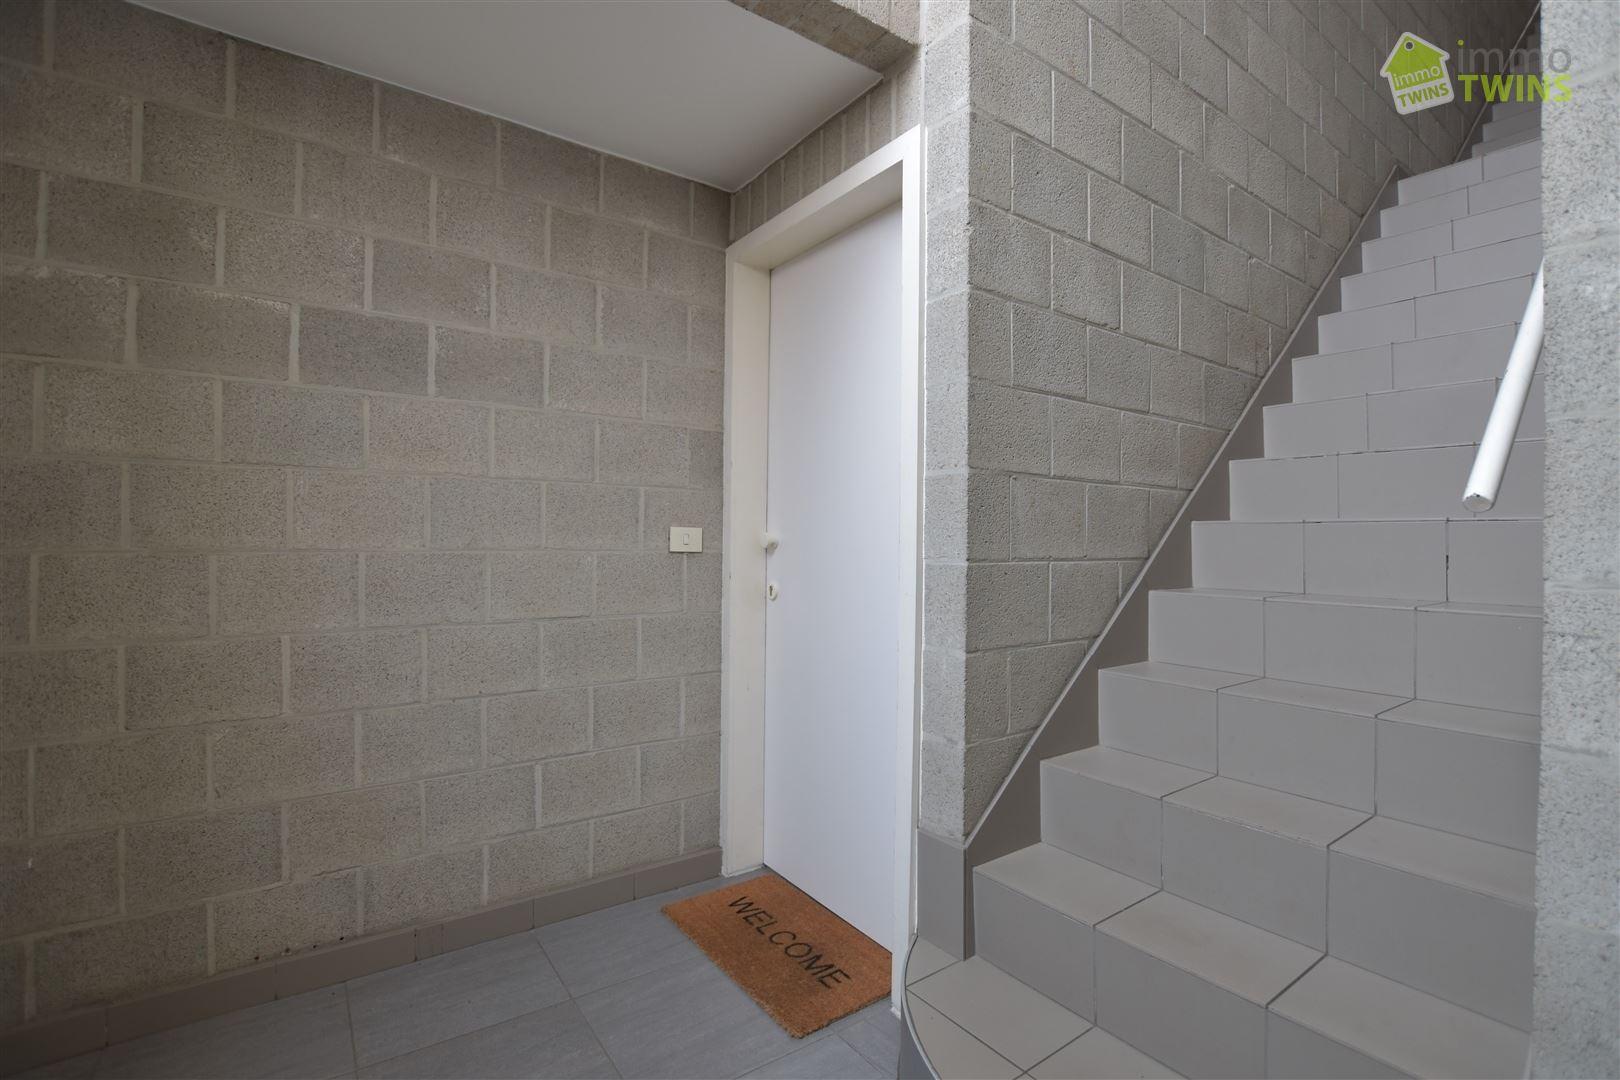 Foto 2 : Duplex/triplex te 9280 LEBBEKE (België) - Prijs € 257.000